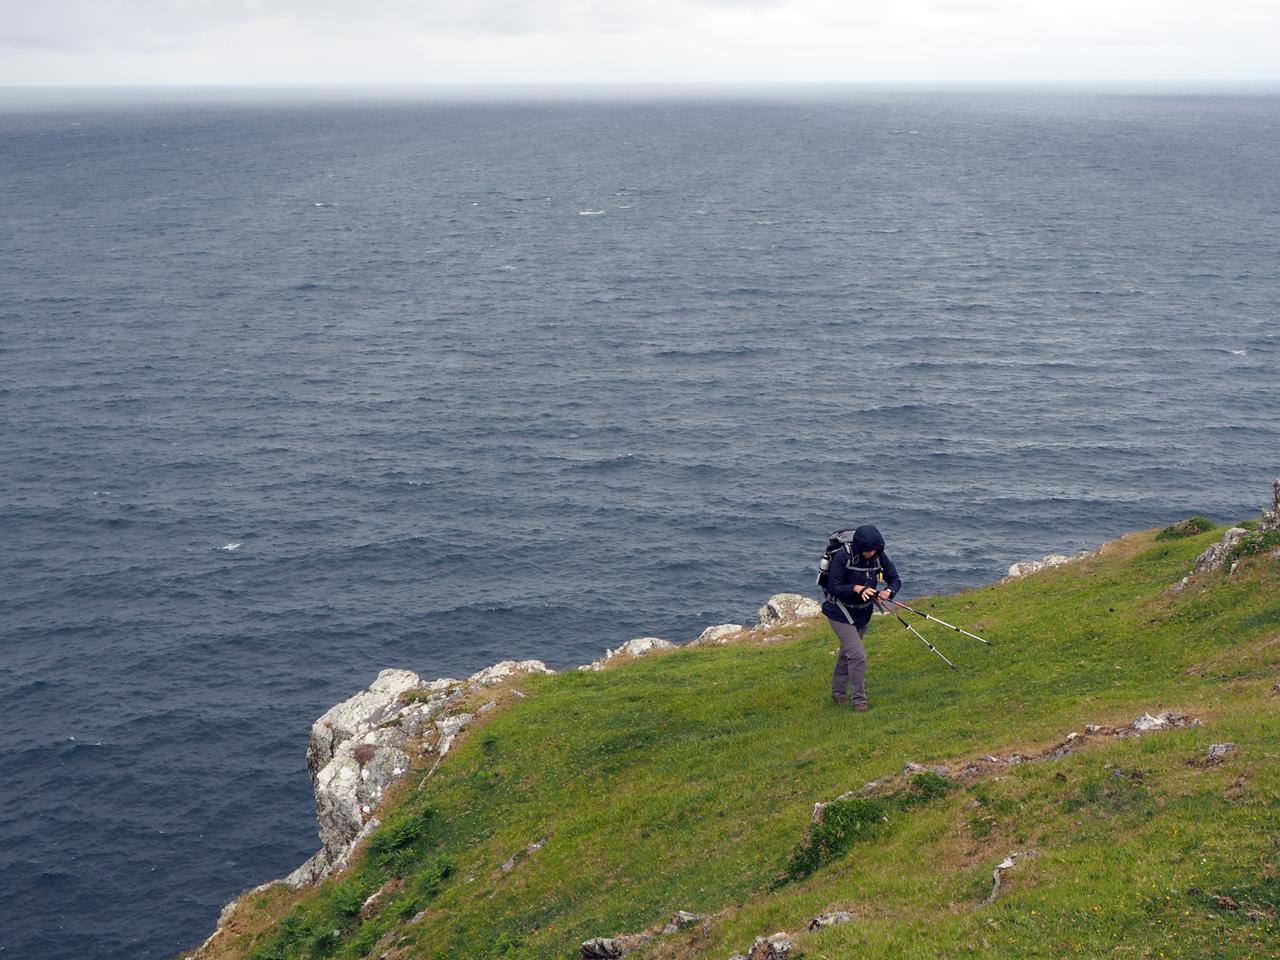 bovenop de steile rotskust van de Atlantische Oceaan